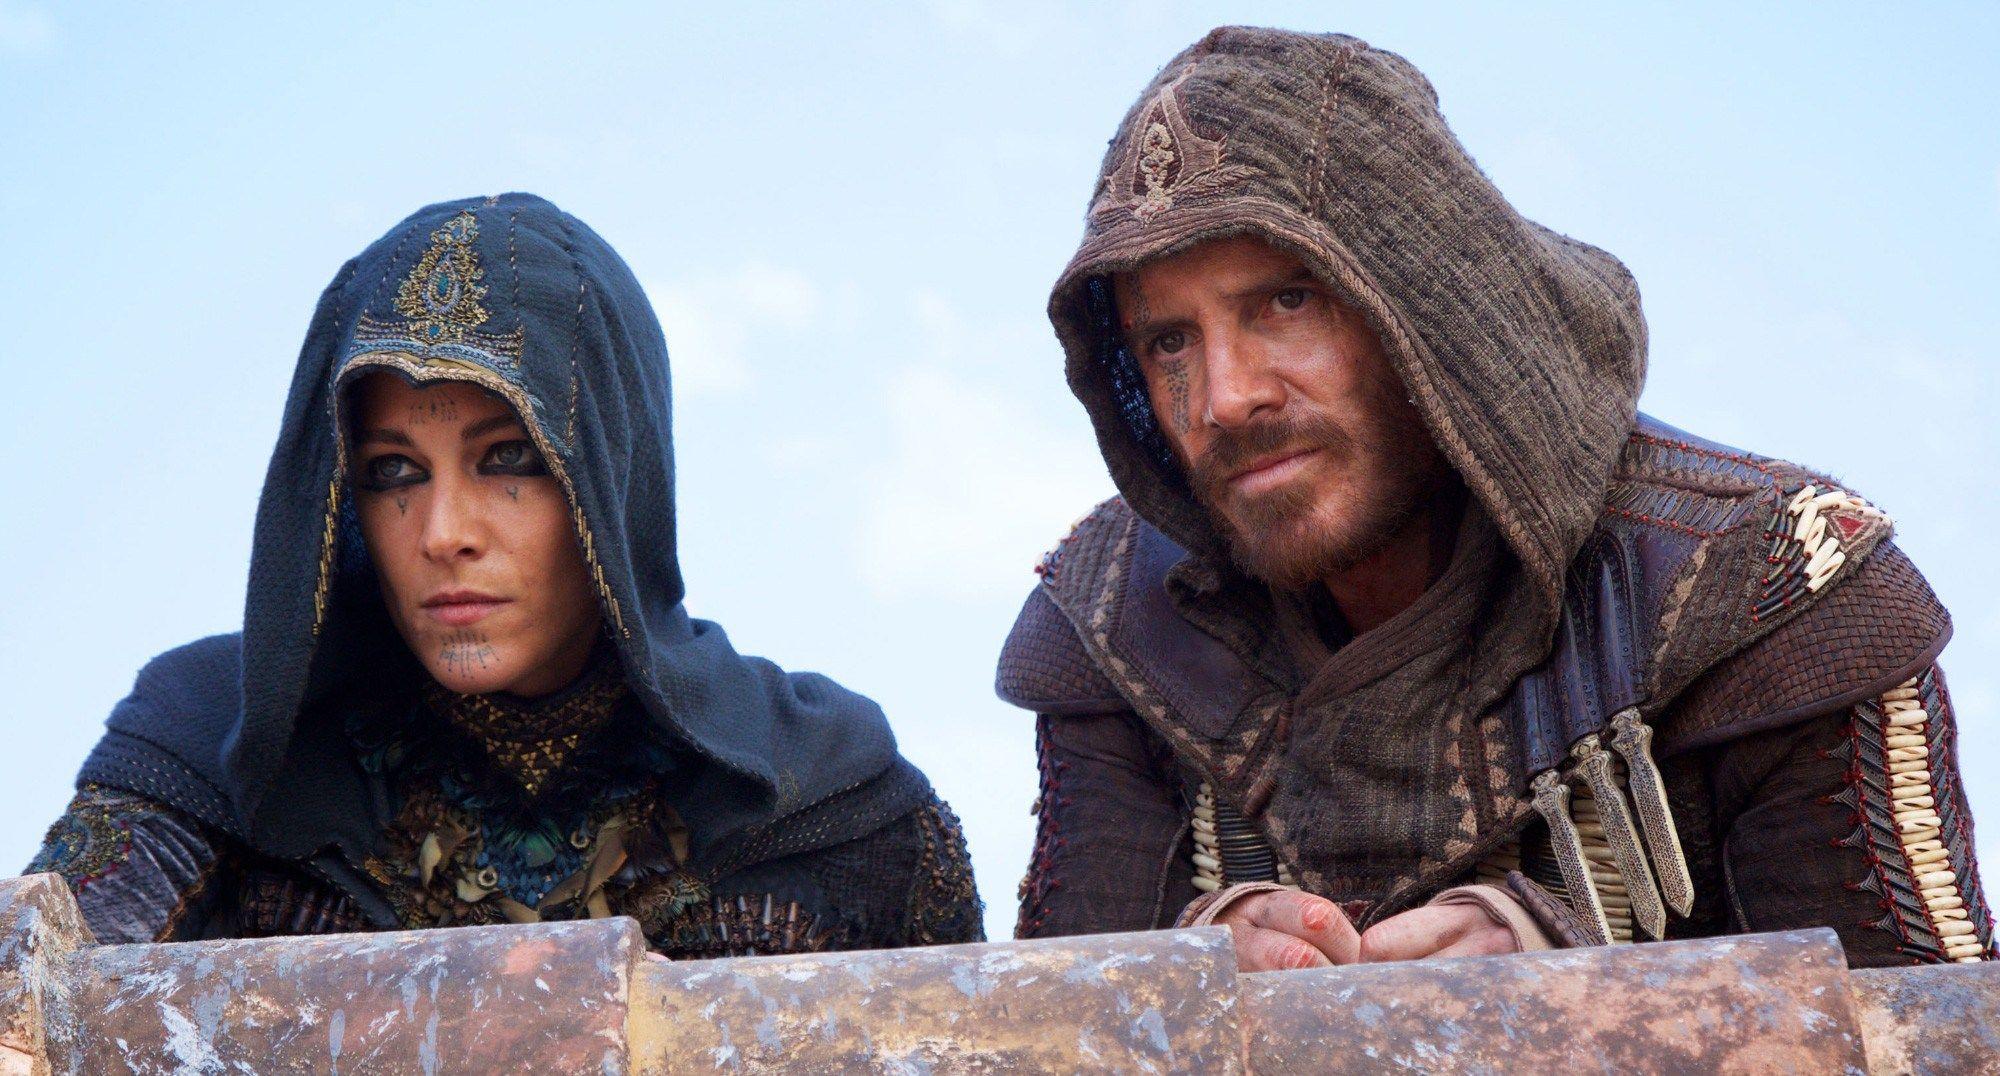 Assassin's Creed: O que você precisa saber antes de ver o filme